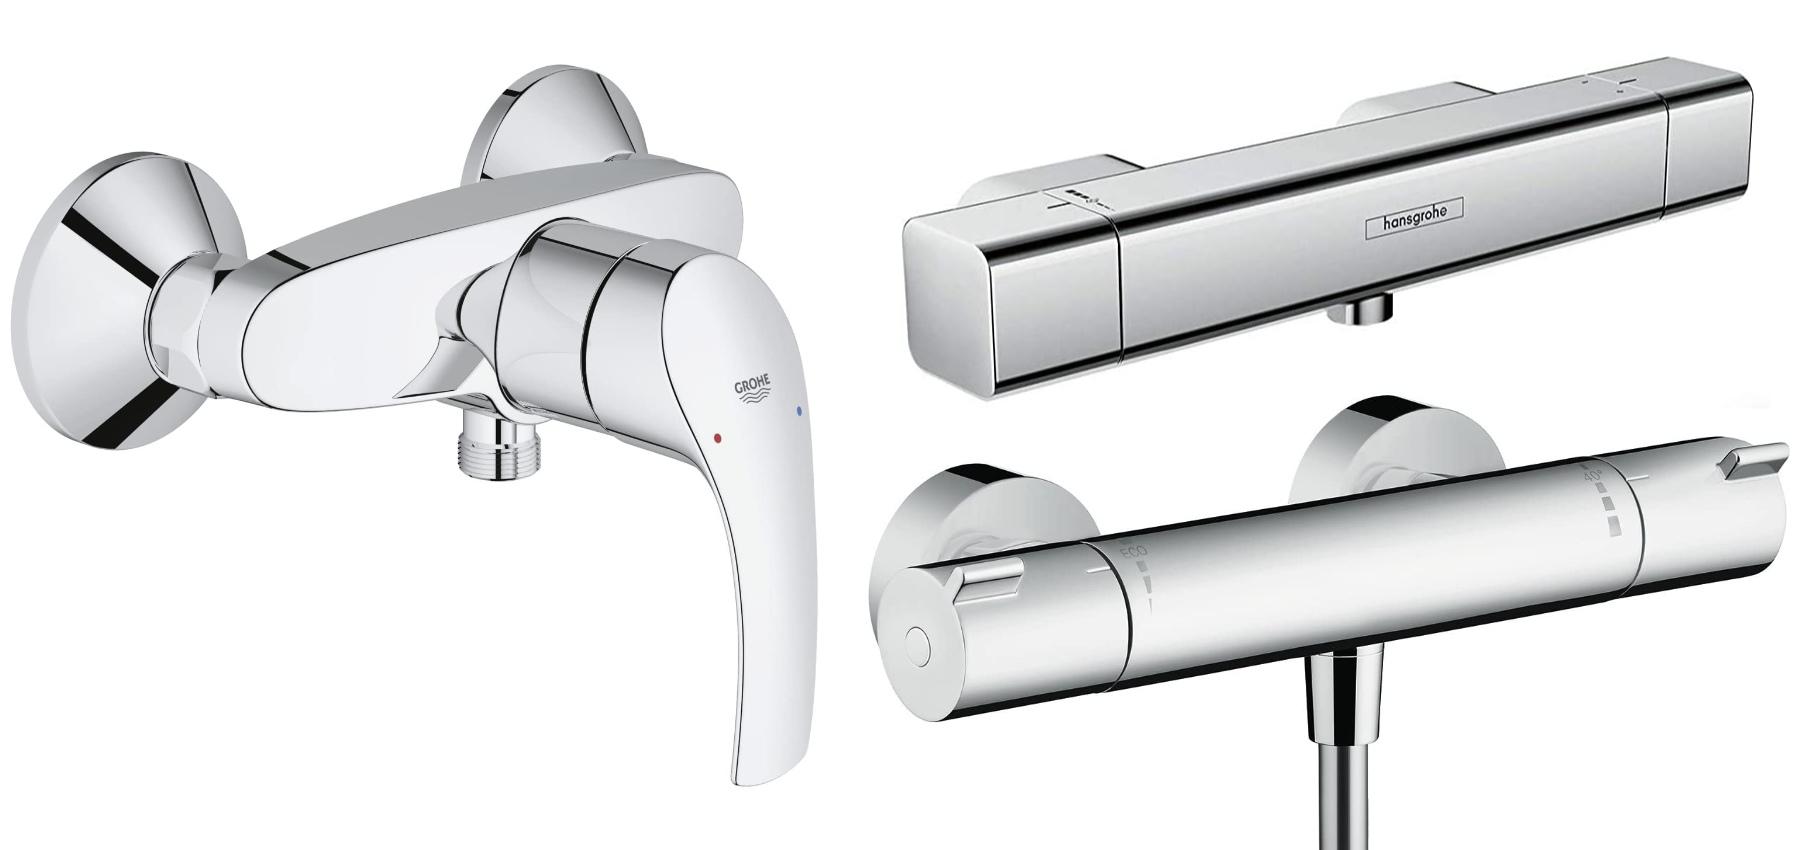 Wollen Sie eine Mischbatterie für die Dusche kaufen? Hier finden Sie die richtige Duscharmatur fürs Bad aus Deutschland – mit DIN-Norm-Anschlüssen. Brausebatterie zum Duschen und Wannenbatterie mit Wasserhahn für die Badewanne zur Auswahl. Amazon Prime inkl. Versand €